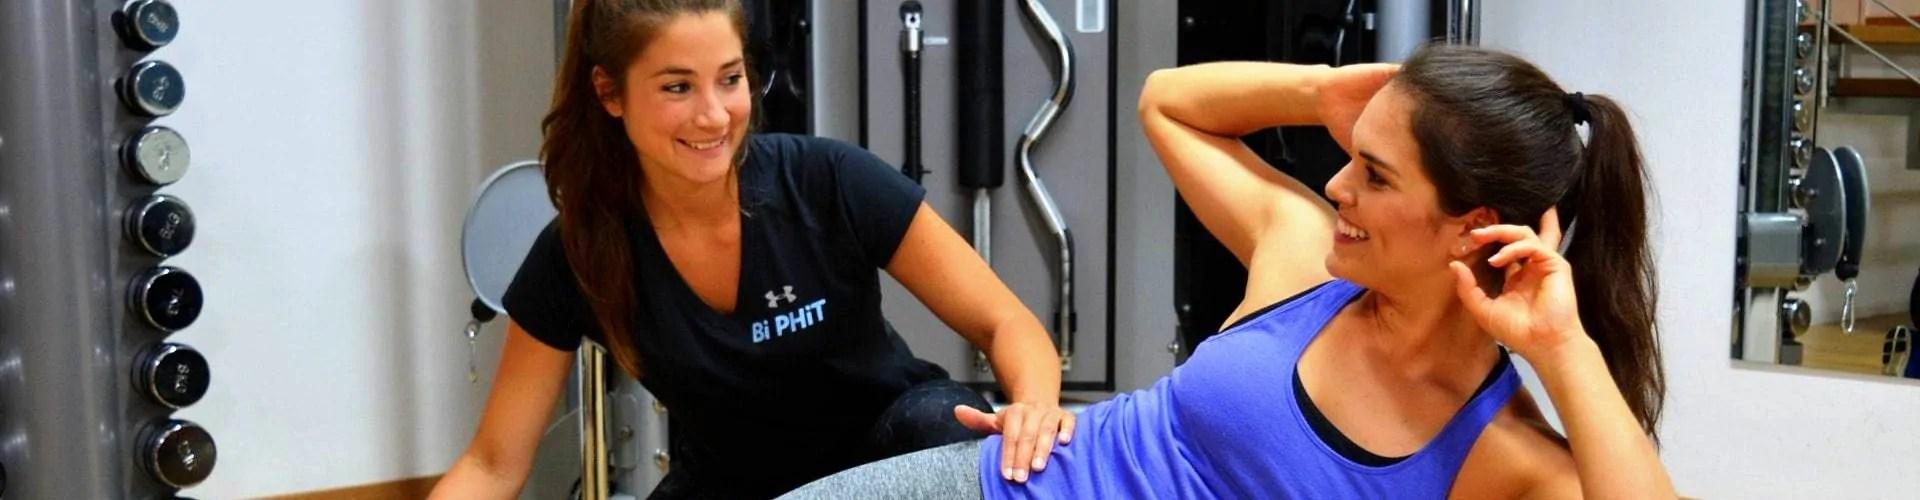 Personal Training bei Bi PHIT